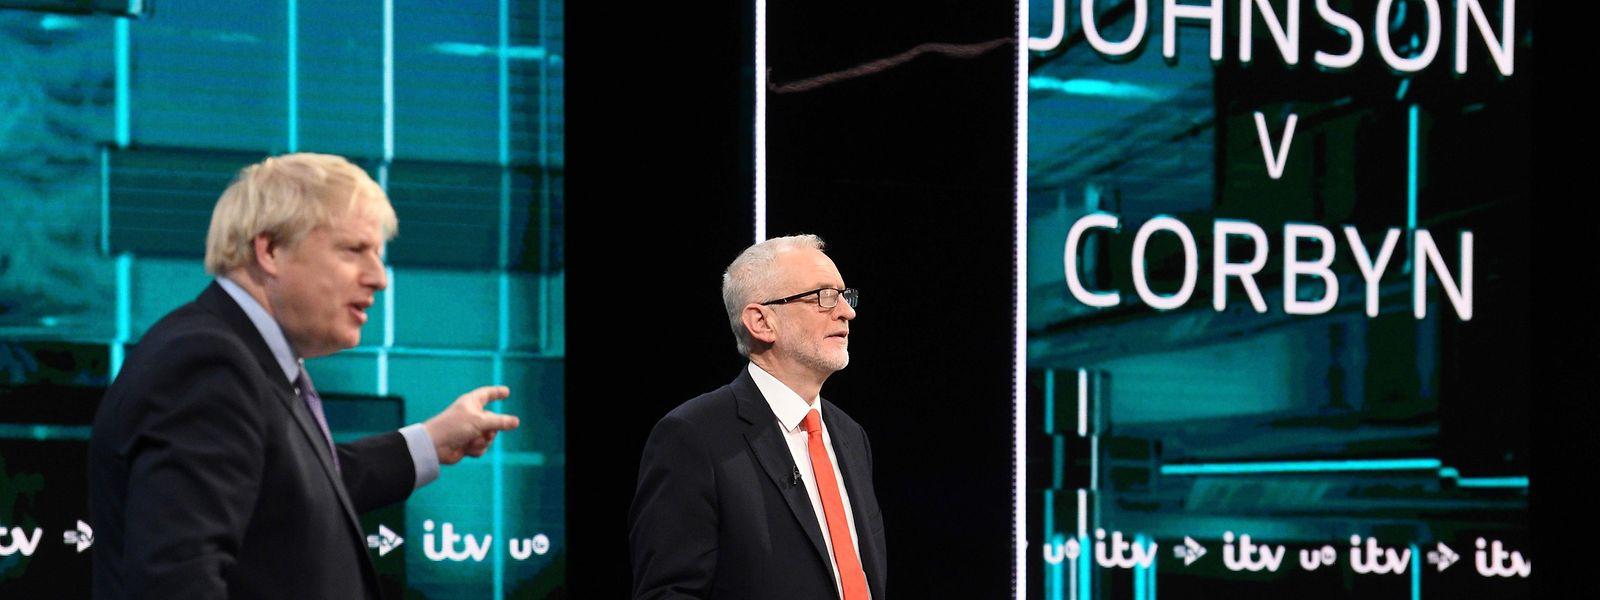 O primeiro-ministro inglês, Boris Johnson, e o líder trabalhista, Jeremy Corbyn, no debate que marcou a campanha.